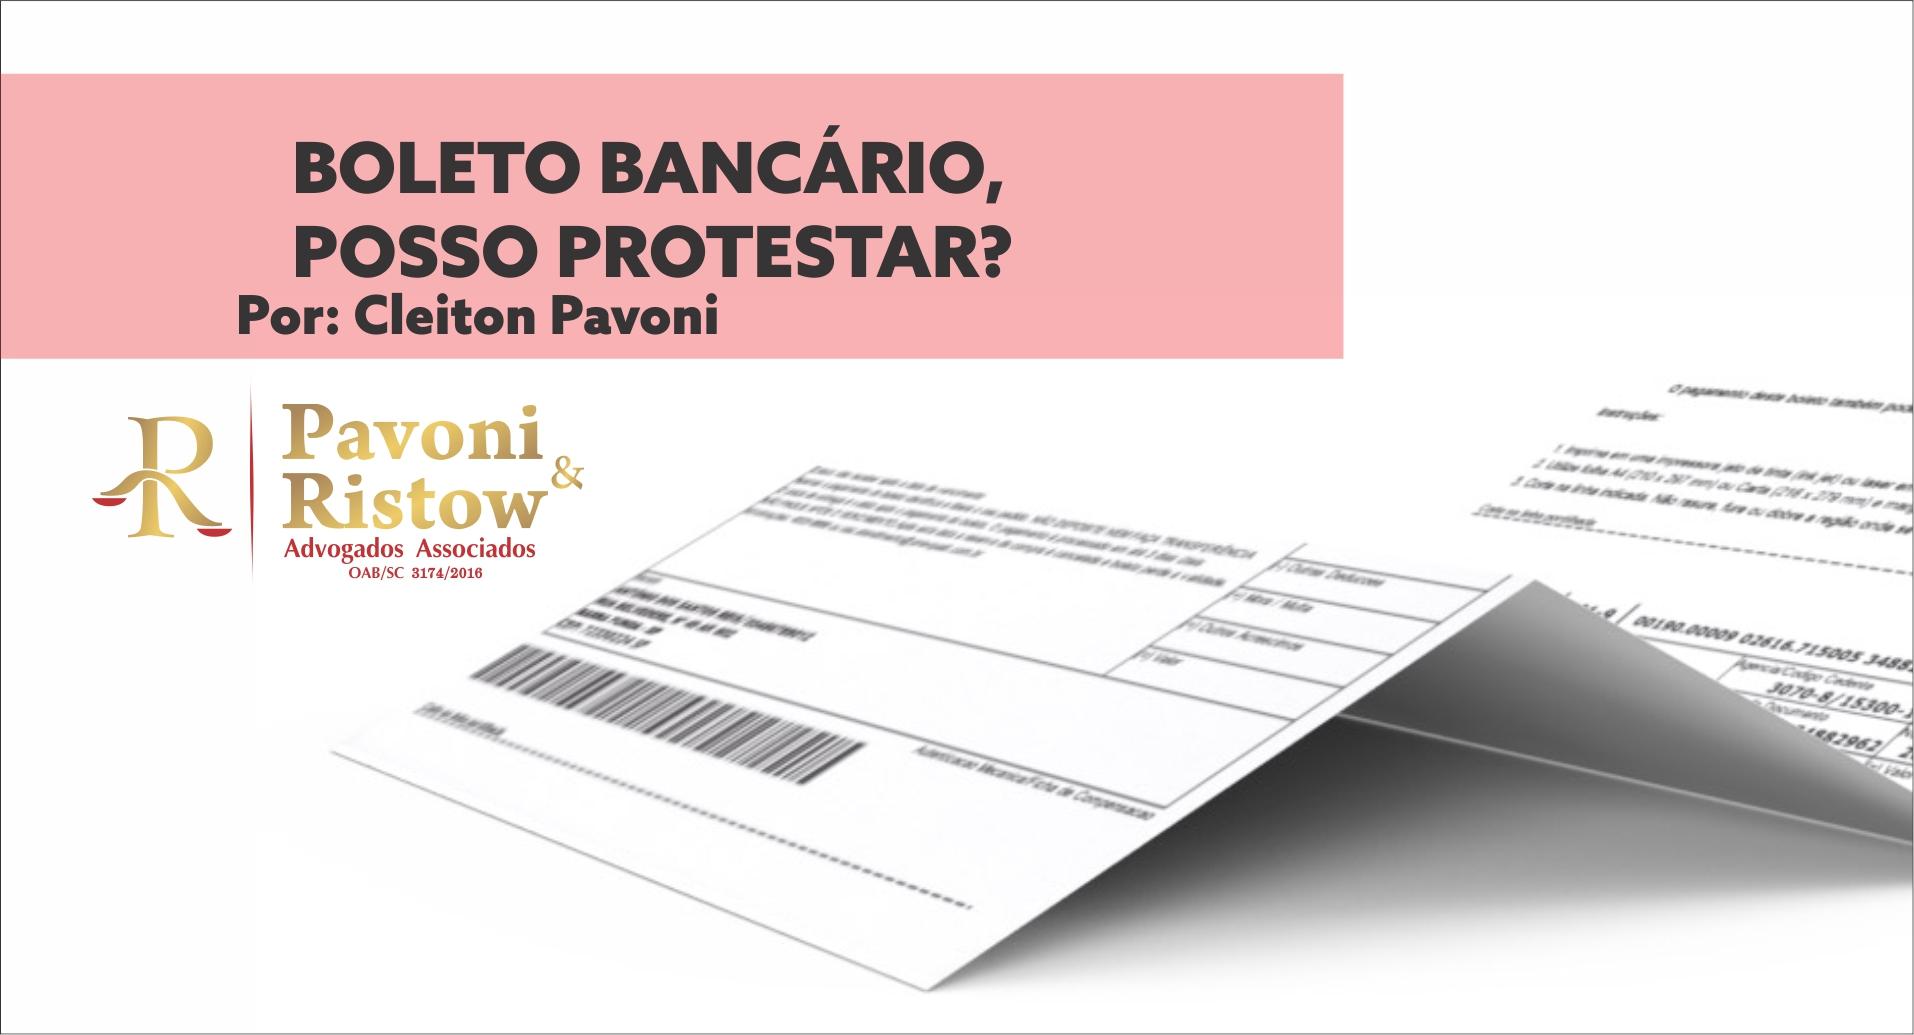 BOLETO BANCÁRIO, POSSO PROTESTAR?